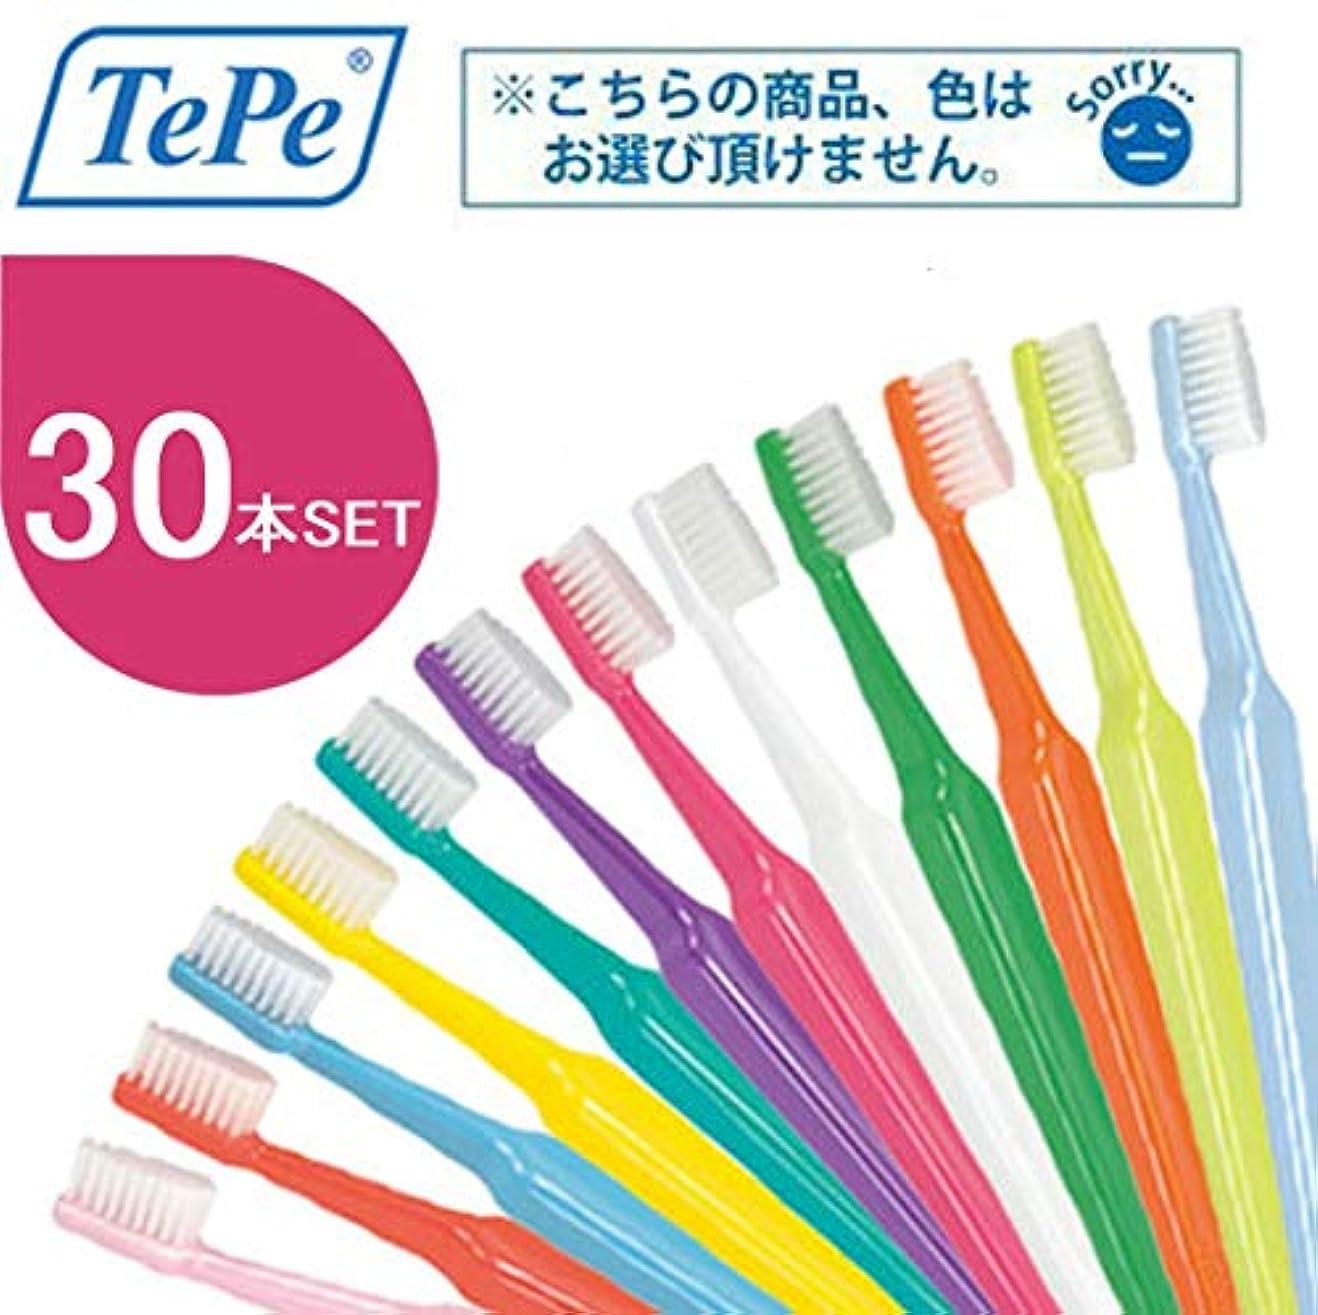 立場ヘルパー投資するクロスフィールド TePe テペ セレクト 歯ブラシ 30本 (エクストラソフト)